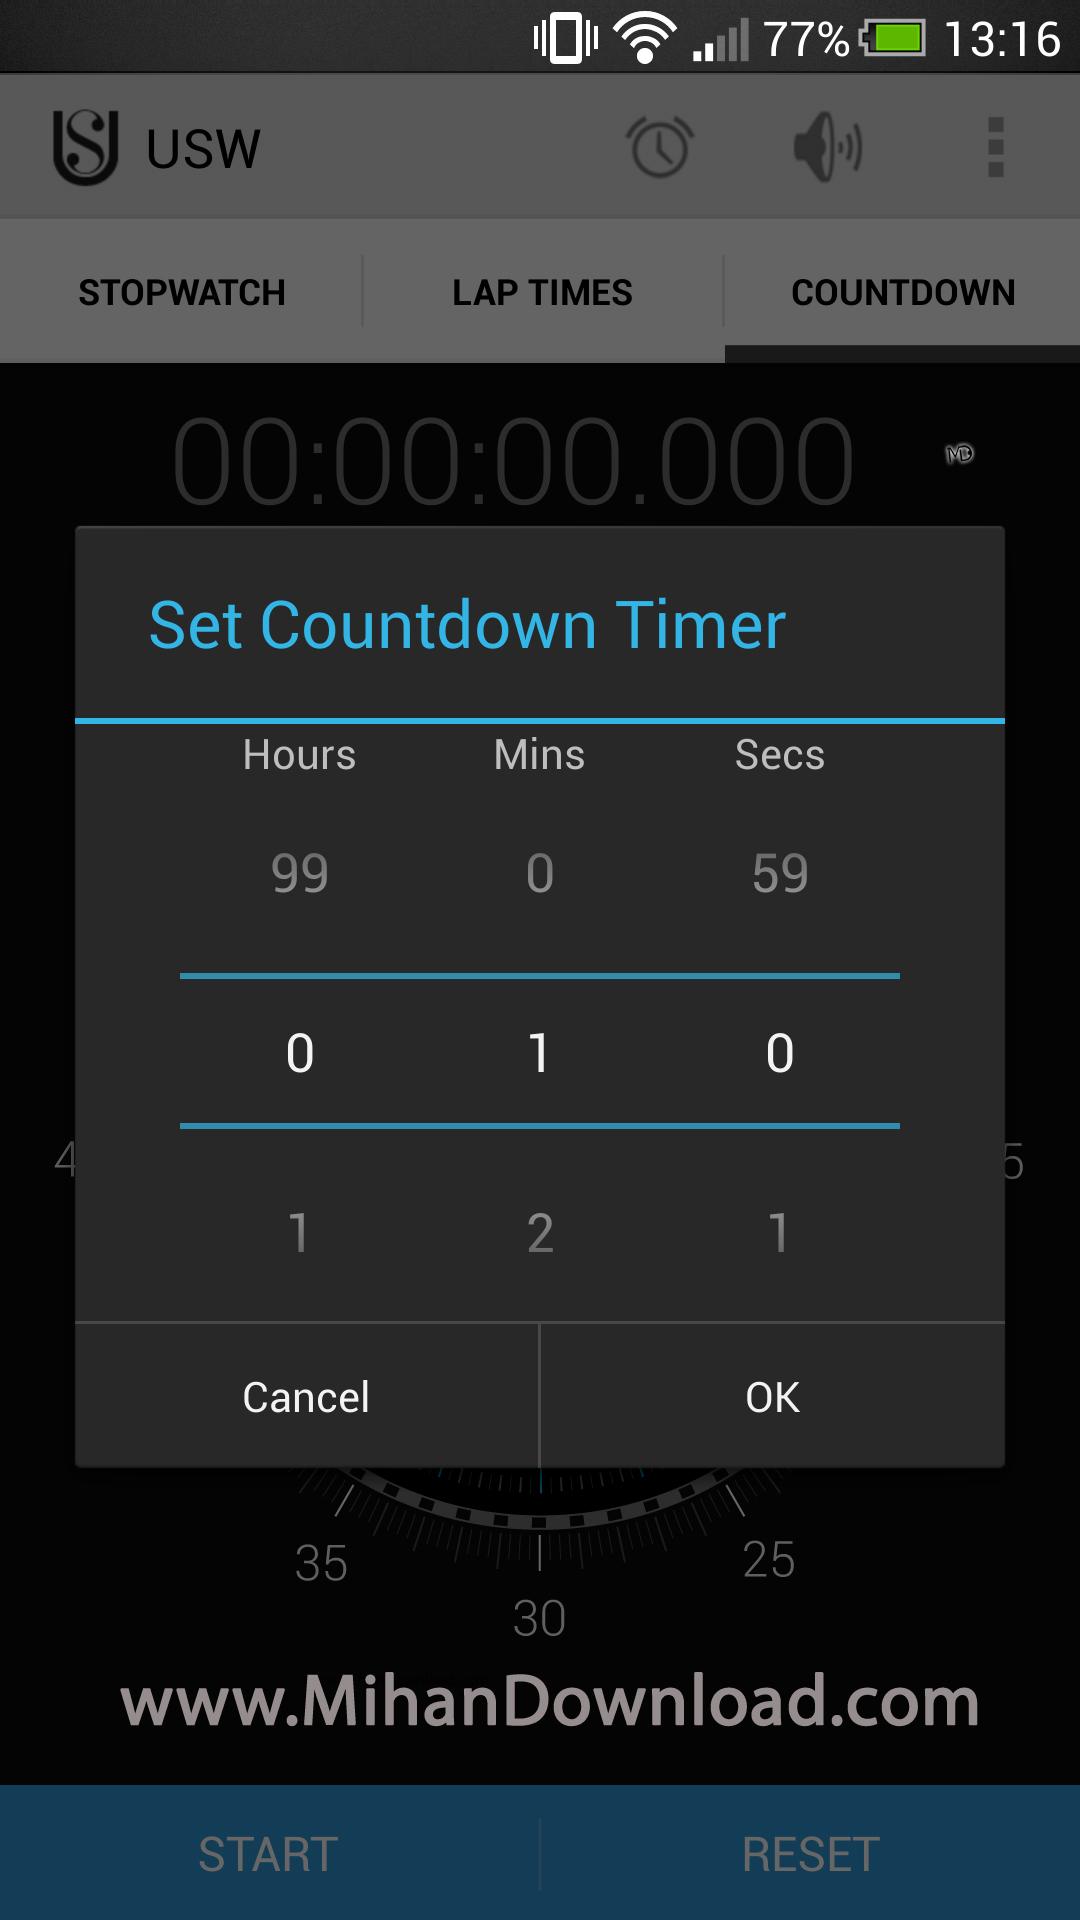 1376641479 2013 08 14 13.16 دانلود نرم افزار Ultimate Stopwatch and Timer   اندروید